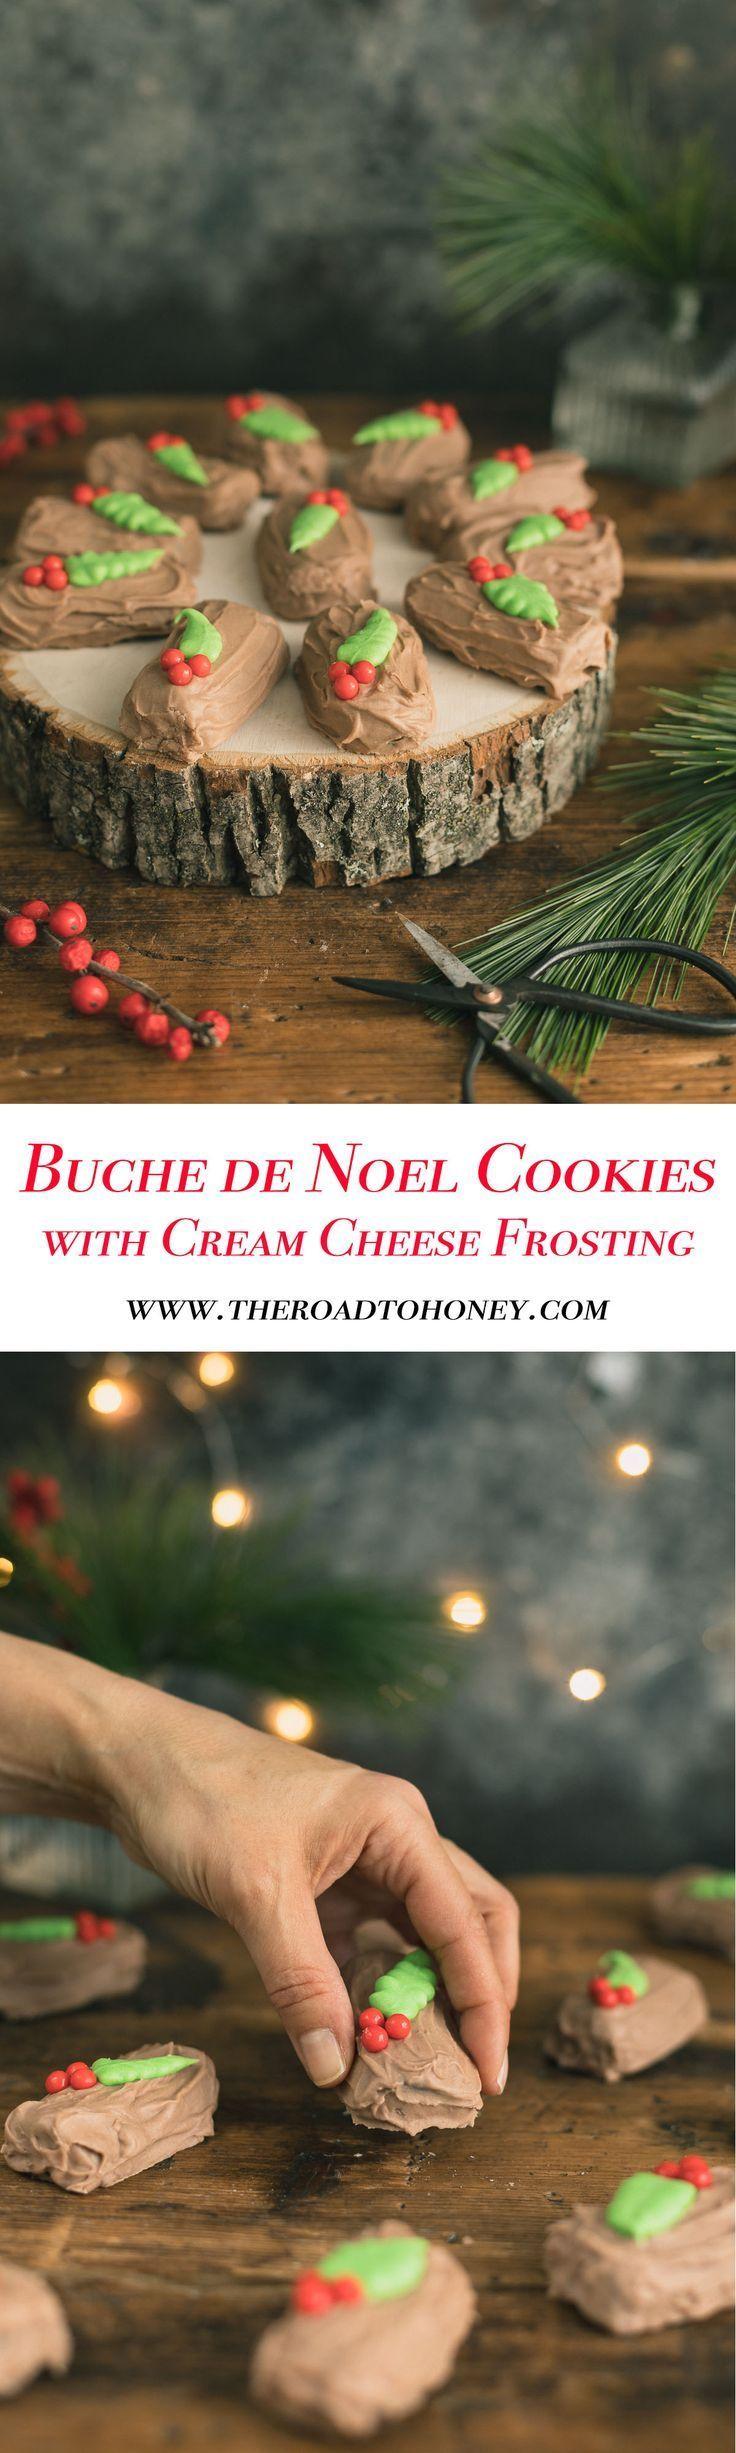 Chocolate Mint Buche de Noel Cookies